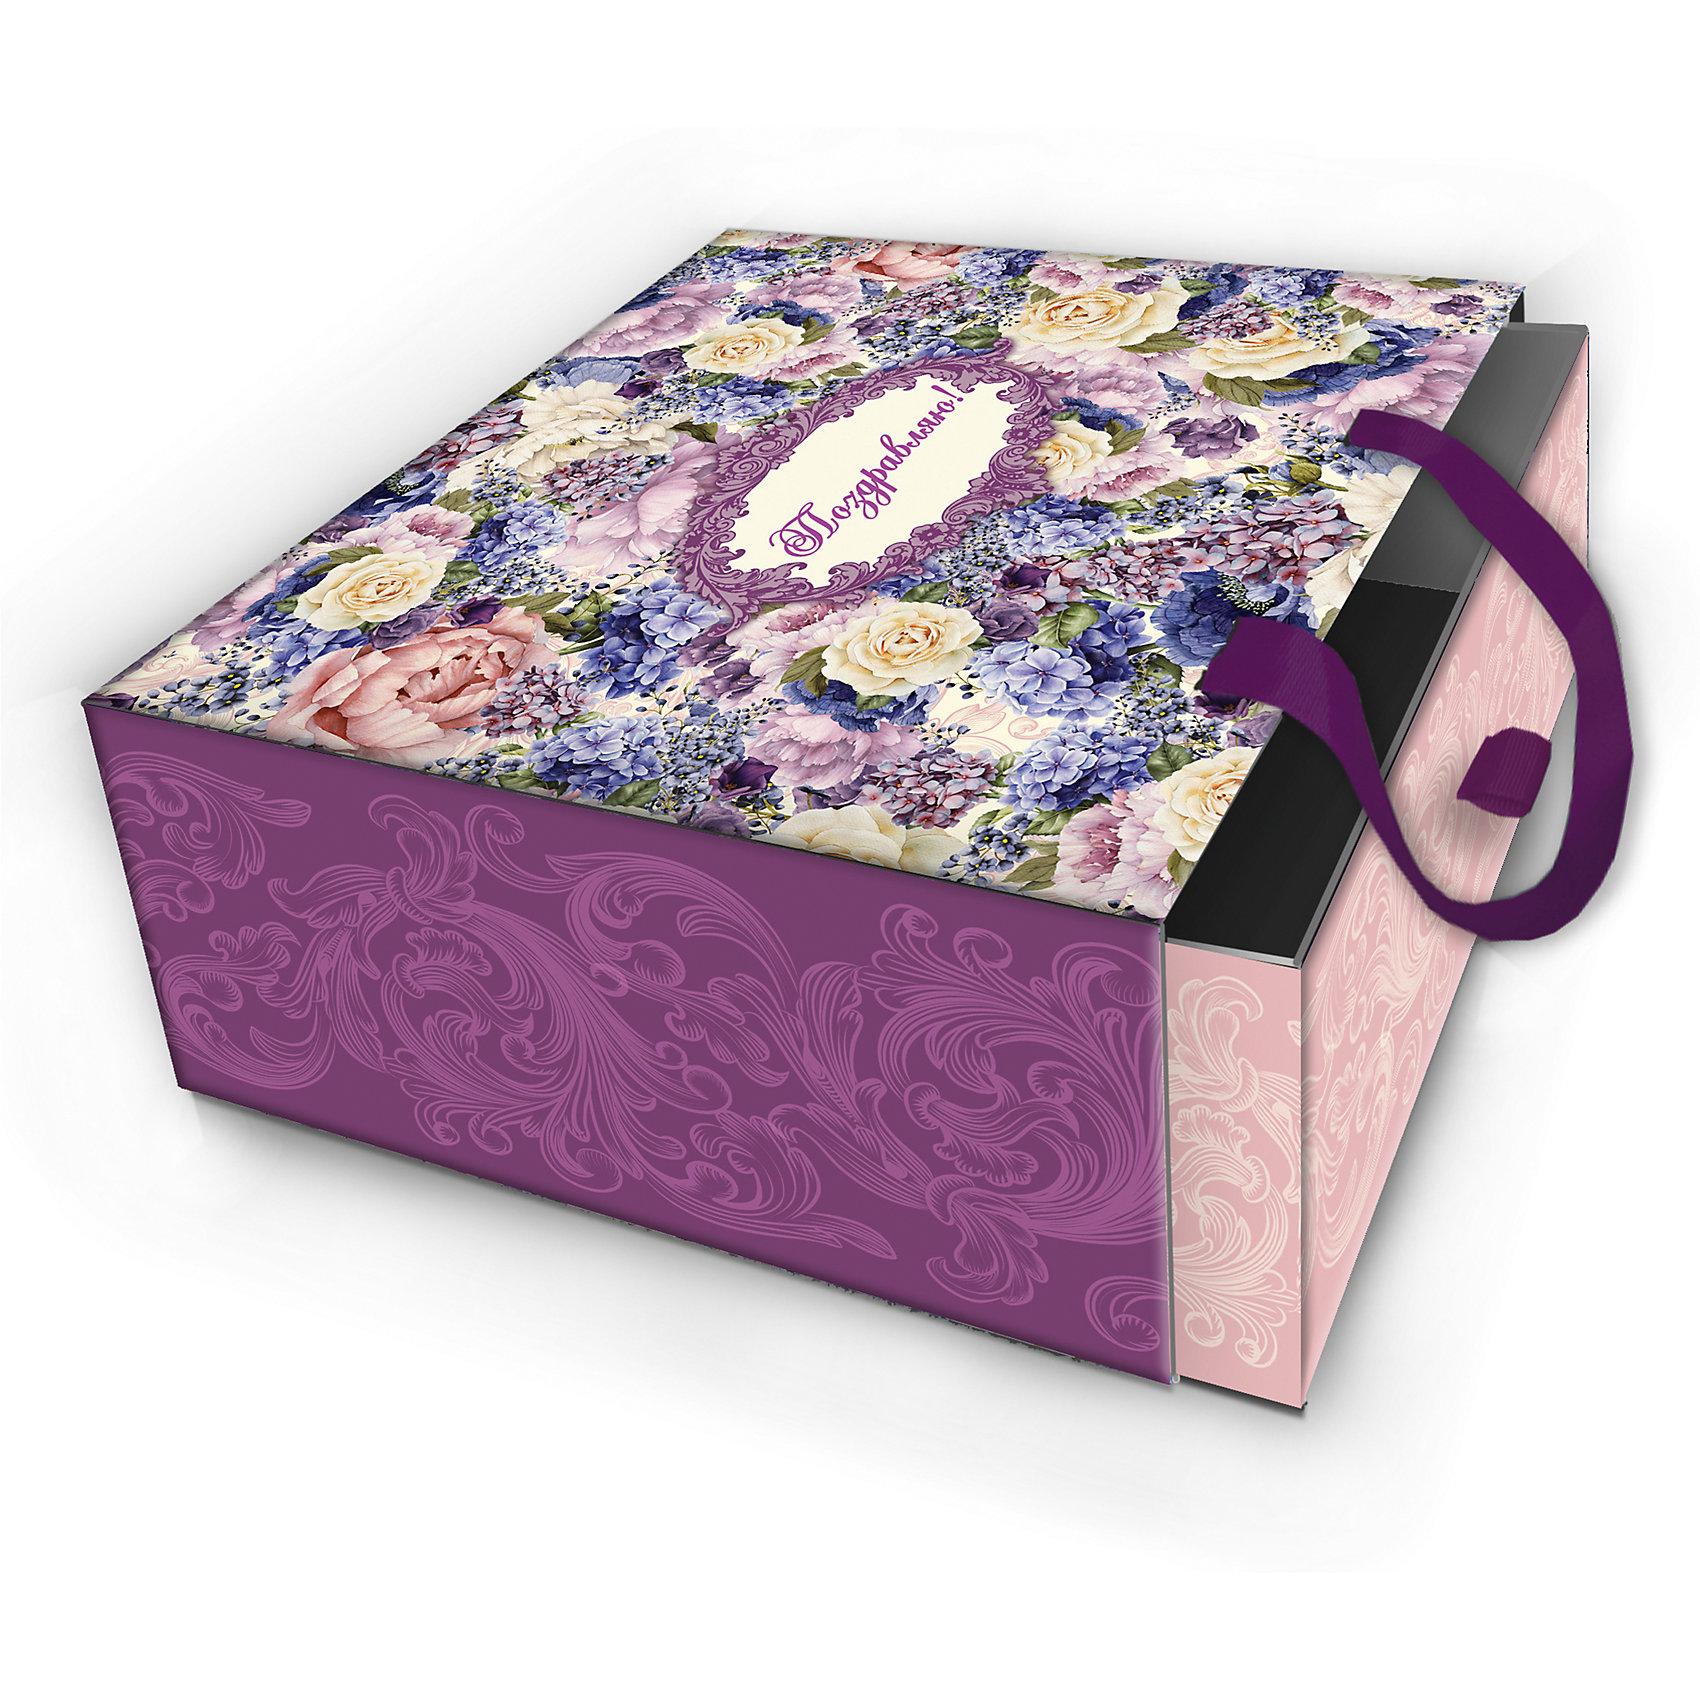 Коробка подарочная Лиловые букеты, 16х16х8см., Феникс-ПрезентПредметы интерьера<br>Коробка подарочная Лиловые букеты, 16х16х8см., Феникс-Презент<br><br>Характеристики:<br><br>• оригинальный дизайн<br>• удобные ручки на внешней стороне<br>• петелька на внутренней части<br>• размер: 16х16х8 см<br>• материал: ламинированный картон, текстиль<br><br>Если вы хотите добавить подарку оригинальности - используйте необычную подарочную коробку. Коробка Лиловые букеты изготовлена из прочного ламинированного картона. Она состоит из двух частей. Внутренняя часть вставляется в наружную. На внутренней части есть небольшая петелька, с помощью которой получатель с легкостью достанет подарок. Наружная часть имеет две красивые ручки для удобства переноски. Коробка оформлена красивым цветочным узором лилового оттенка.<br><br>Коробку подарочную Лиловые букеты, 16х16х8см., Феникс-Презент можно купить в нашем интернет-магазине.<br><br>Ширина мм: 160<br>Глубина мм: 160<br>Высота мм: 80<br>Вес г: 121<br>Возраст от месяцев: 36<br>Возраст до месяцев: 2147483647<br>Пол: Унисекс<br>Возраст: Детский<br>SKU: 5449648